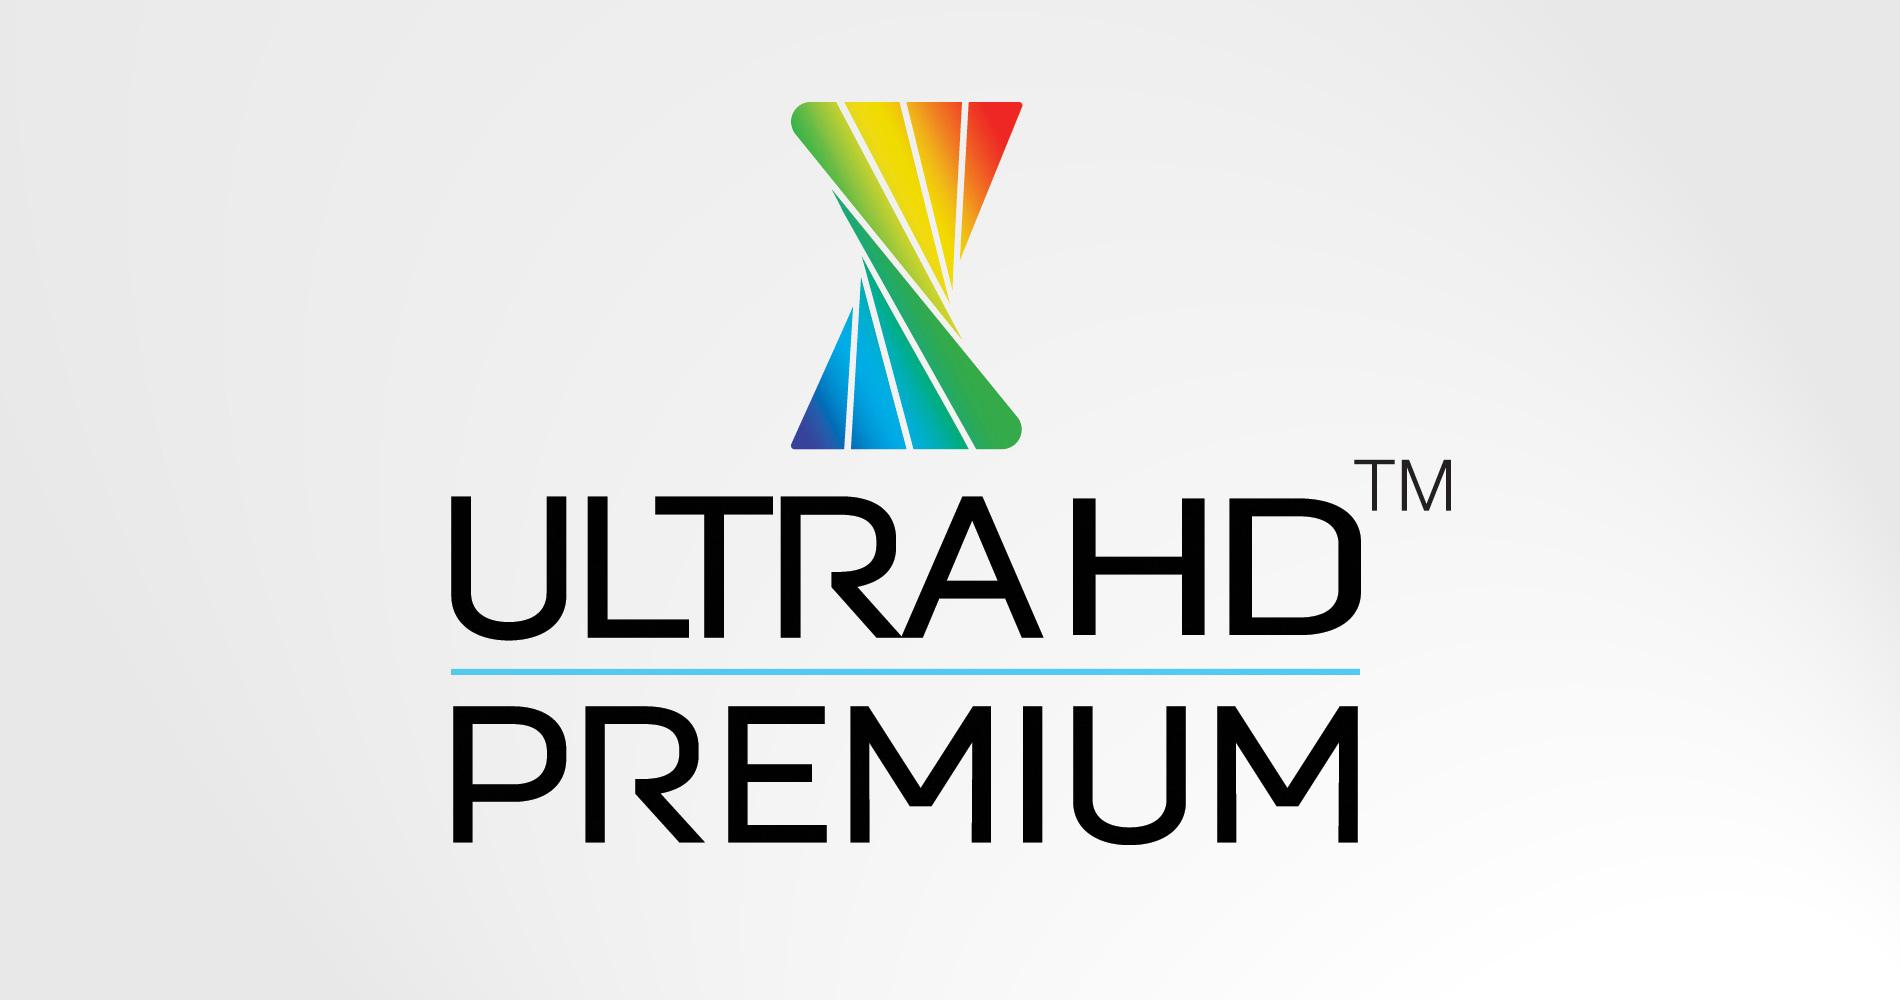 ultra-hd-premum